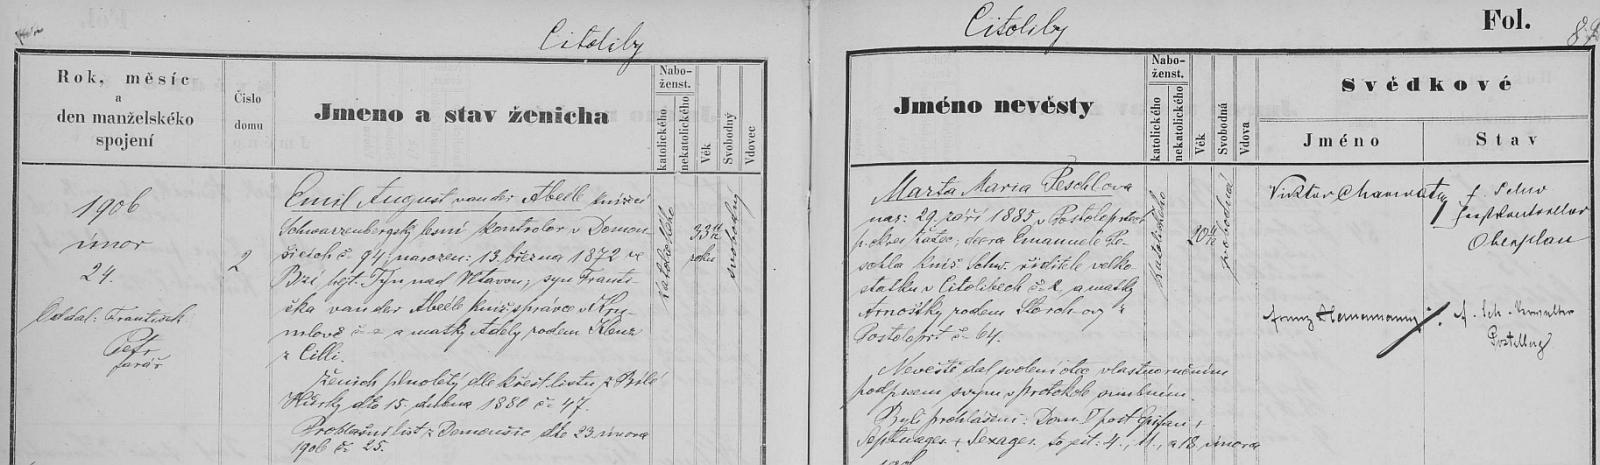 Záznam o jeho první svatbě v Citolibech...